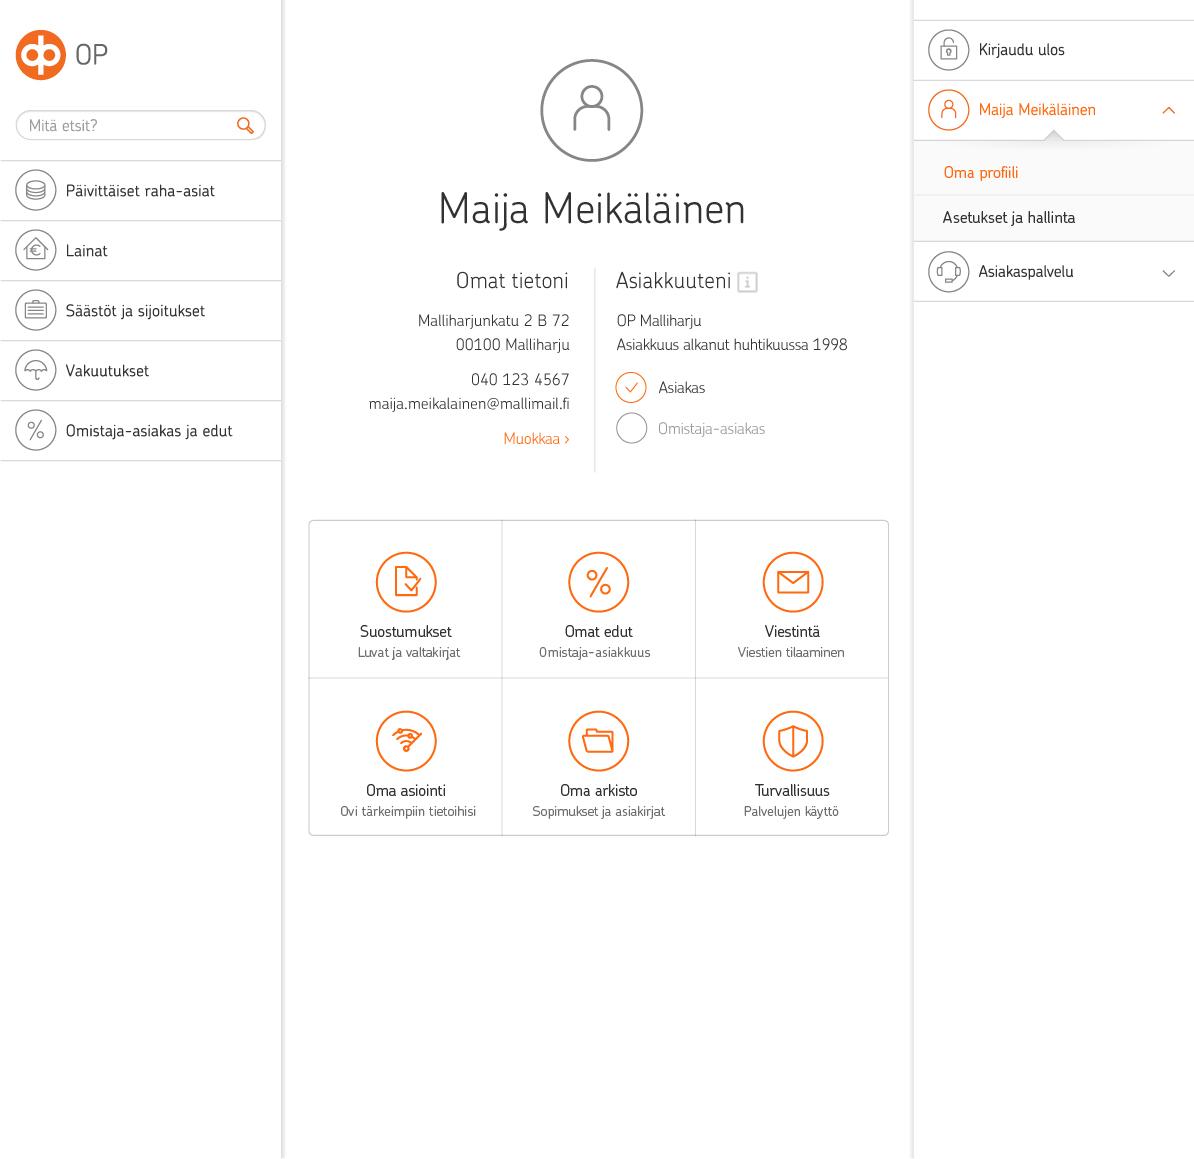 OP vastasi tietosuoja-asetukseen asiakaslähtöisesti suunnitellulla omalla profiililla. Oma profiili on asiakkaiden tiedon portaali op.fi:ssä.